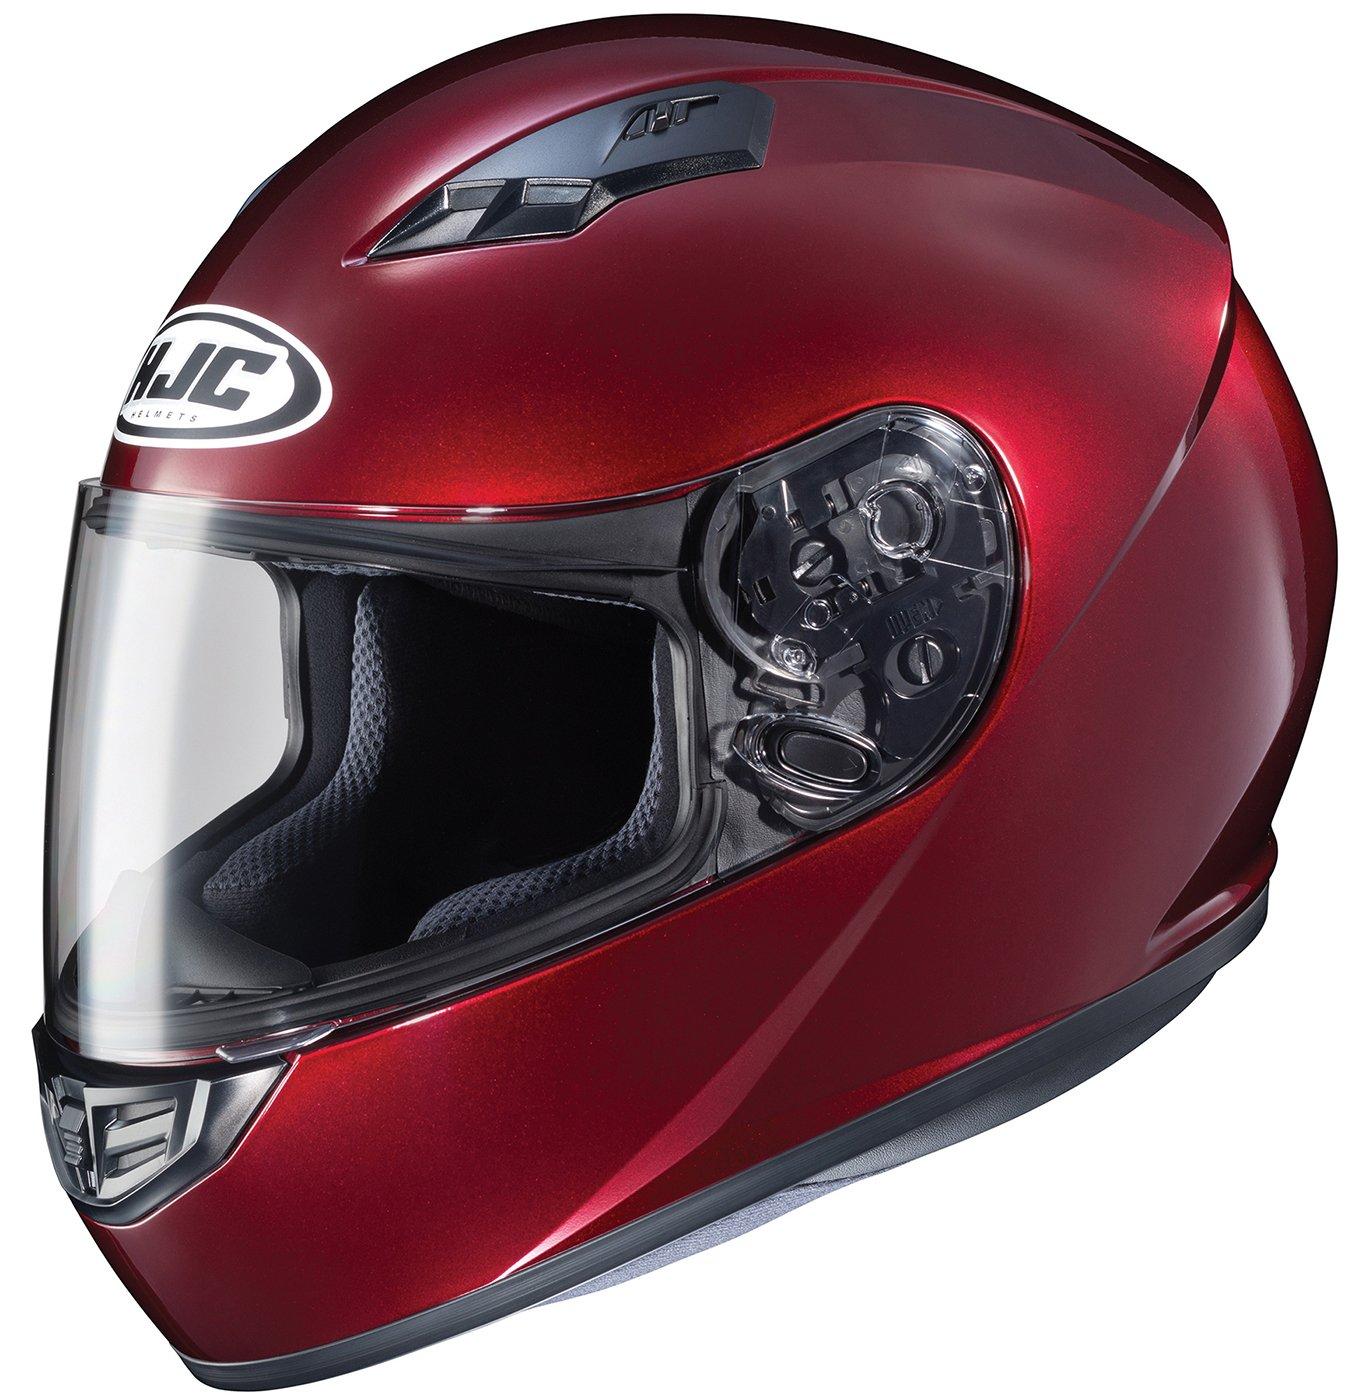 HJC Helmets CS-R3 Unisex-Adult Full Face Metallic Motorcycle Helmet (Wine, XX-Large)